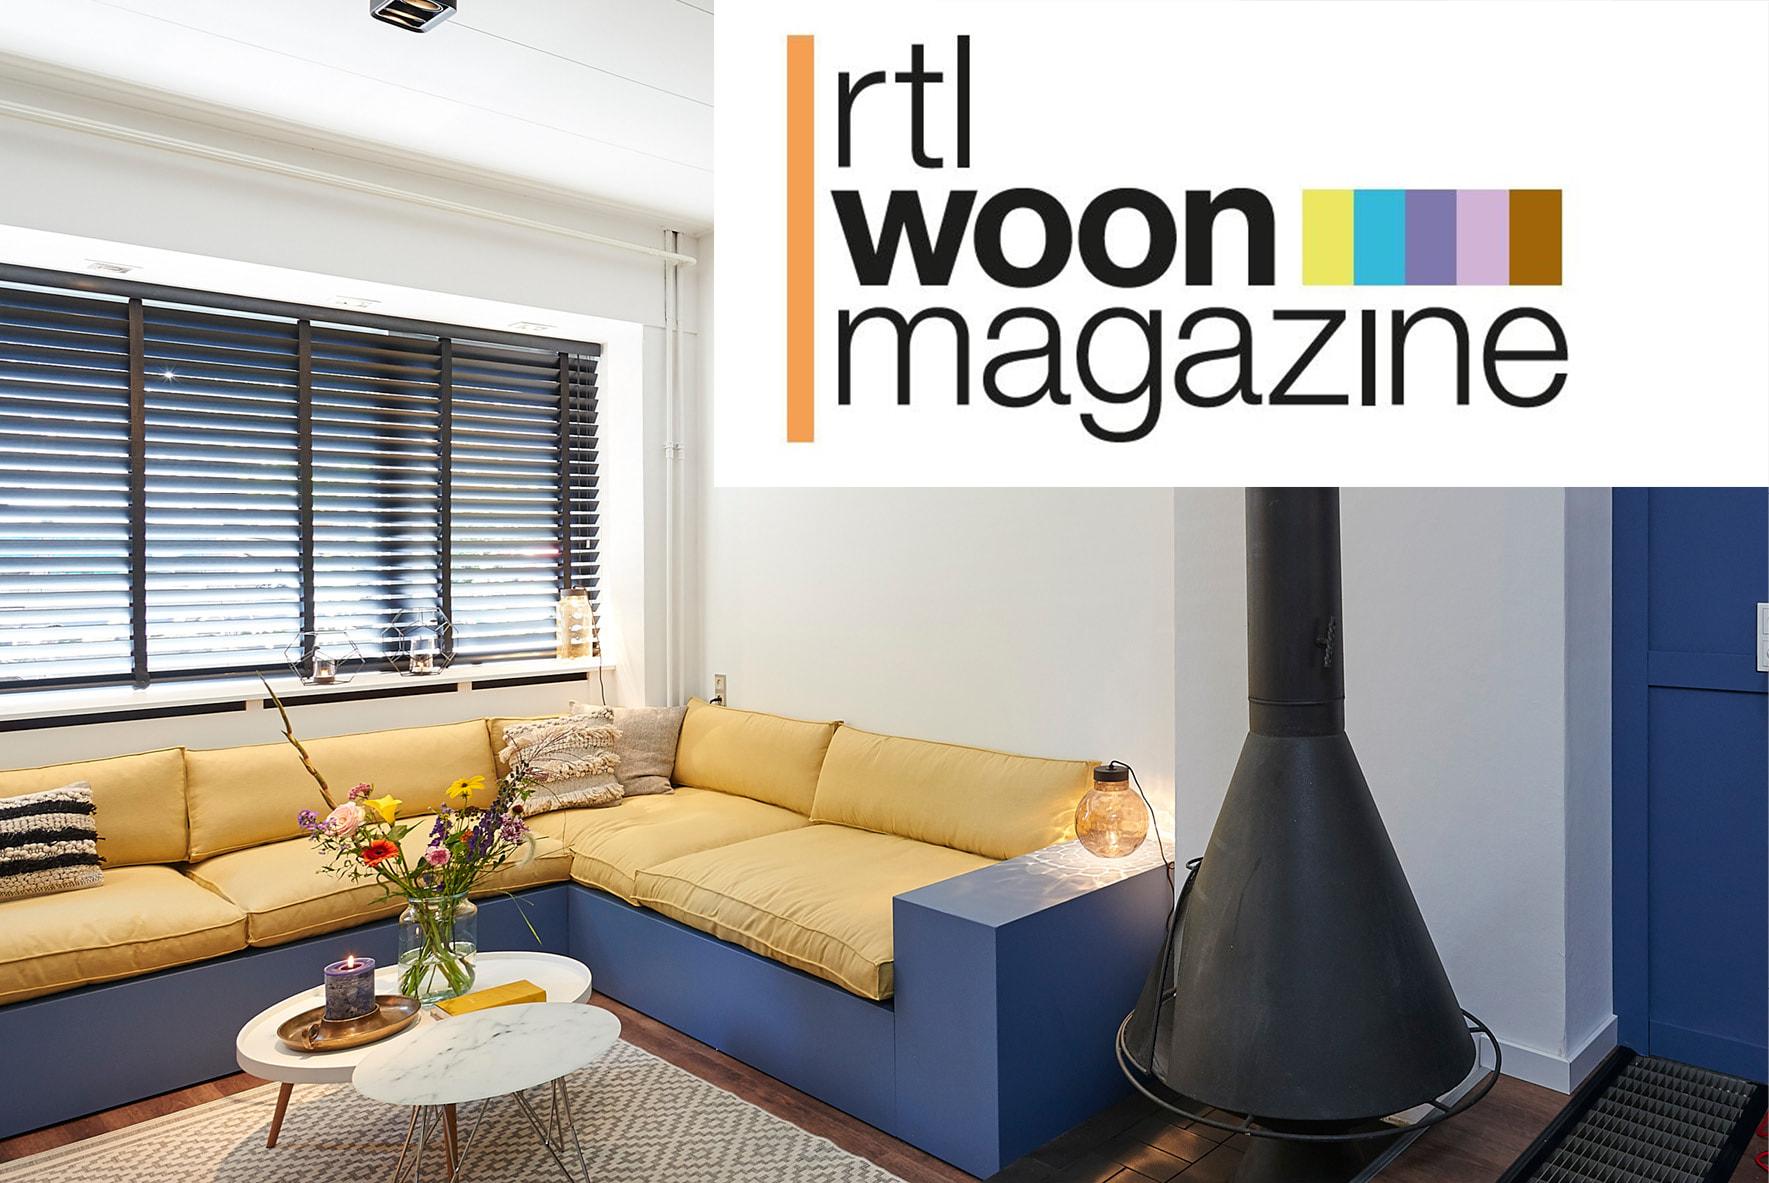 Rolgordijnen slaapkamer 111: gordijn kleuren. velux verduisterend